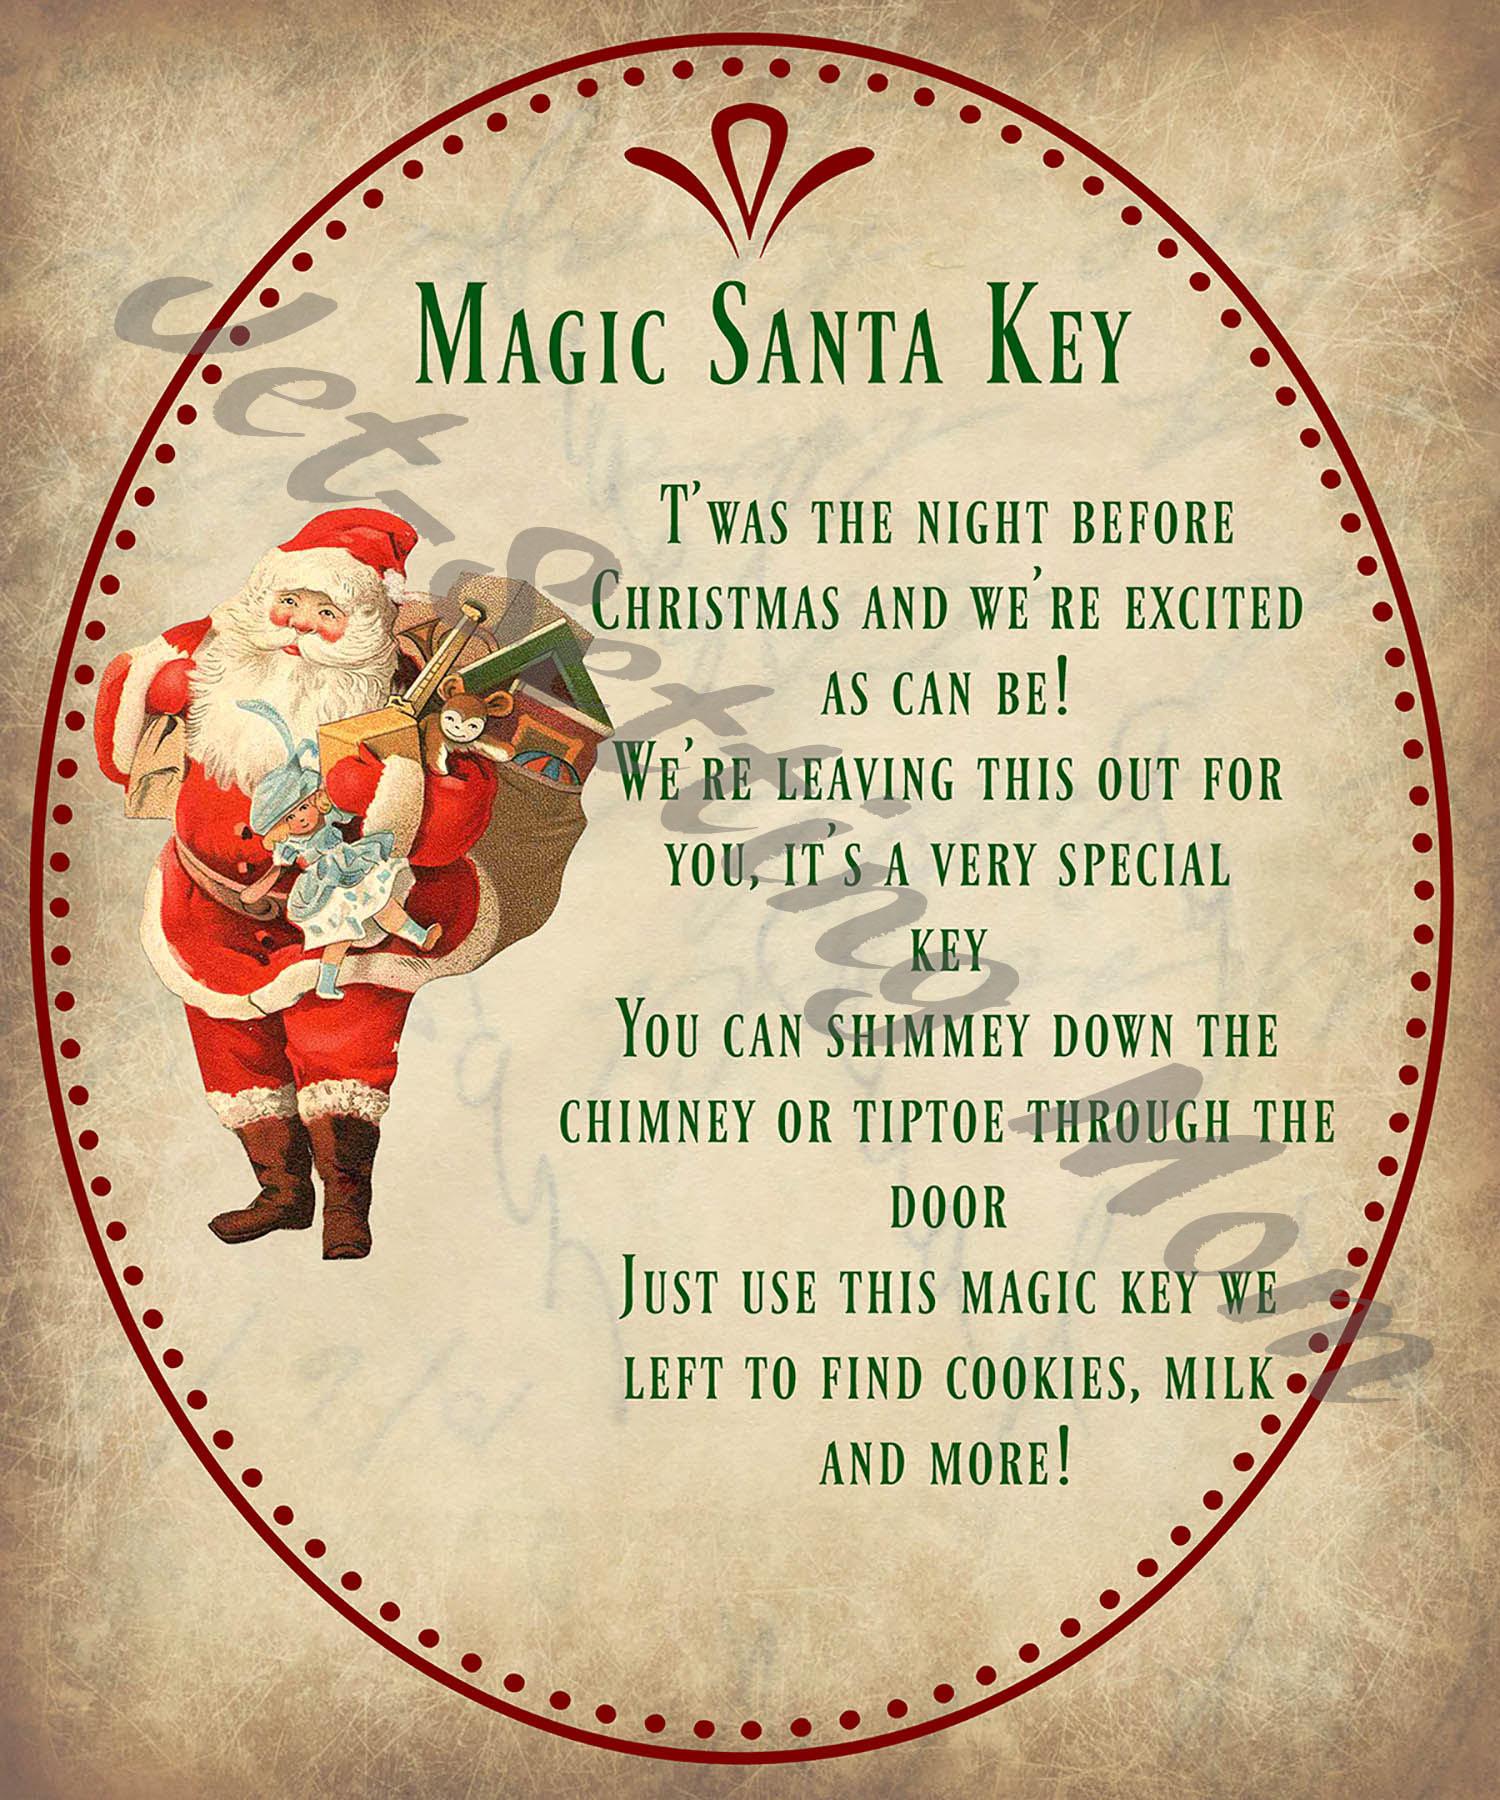 Christmas Card Photo Printing